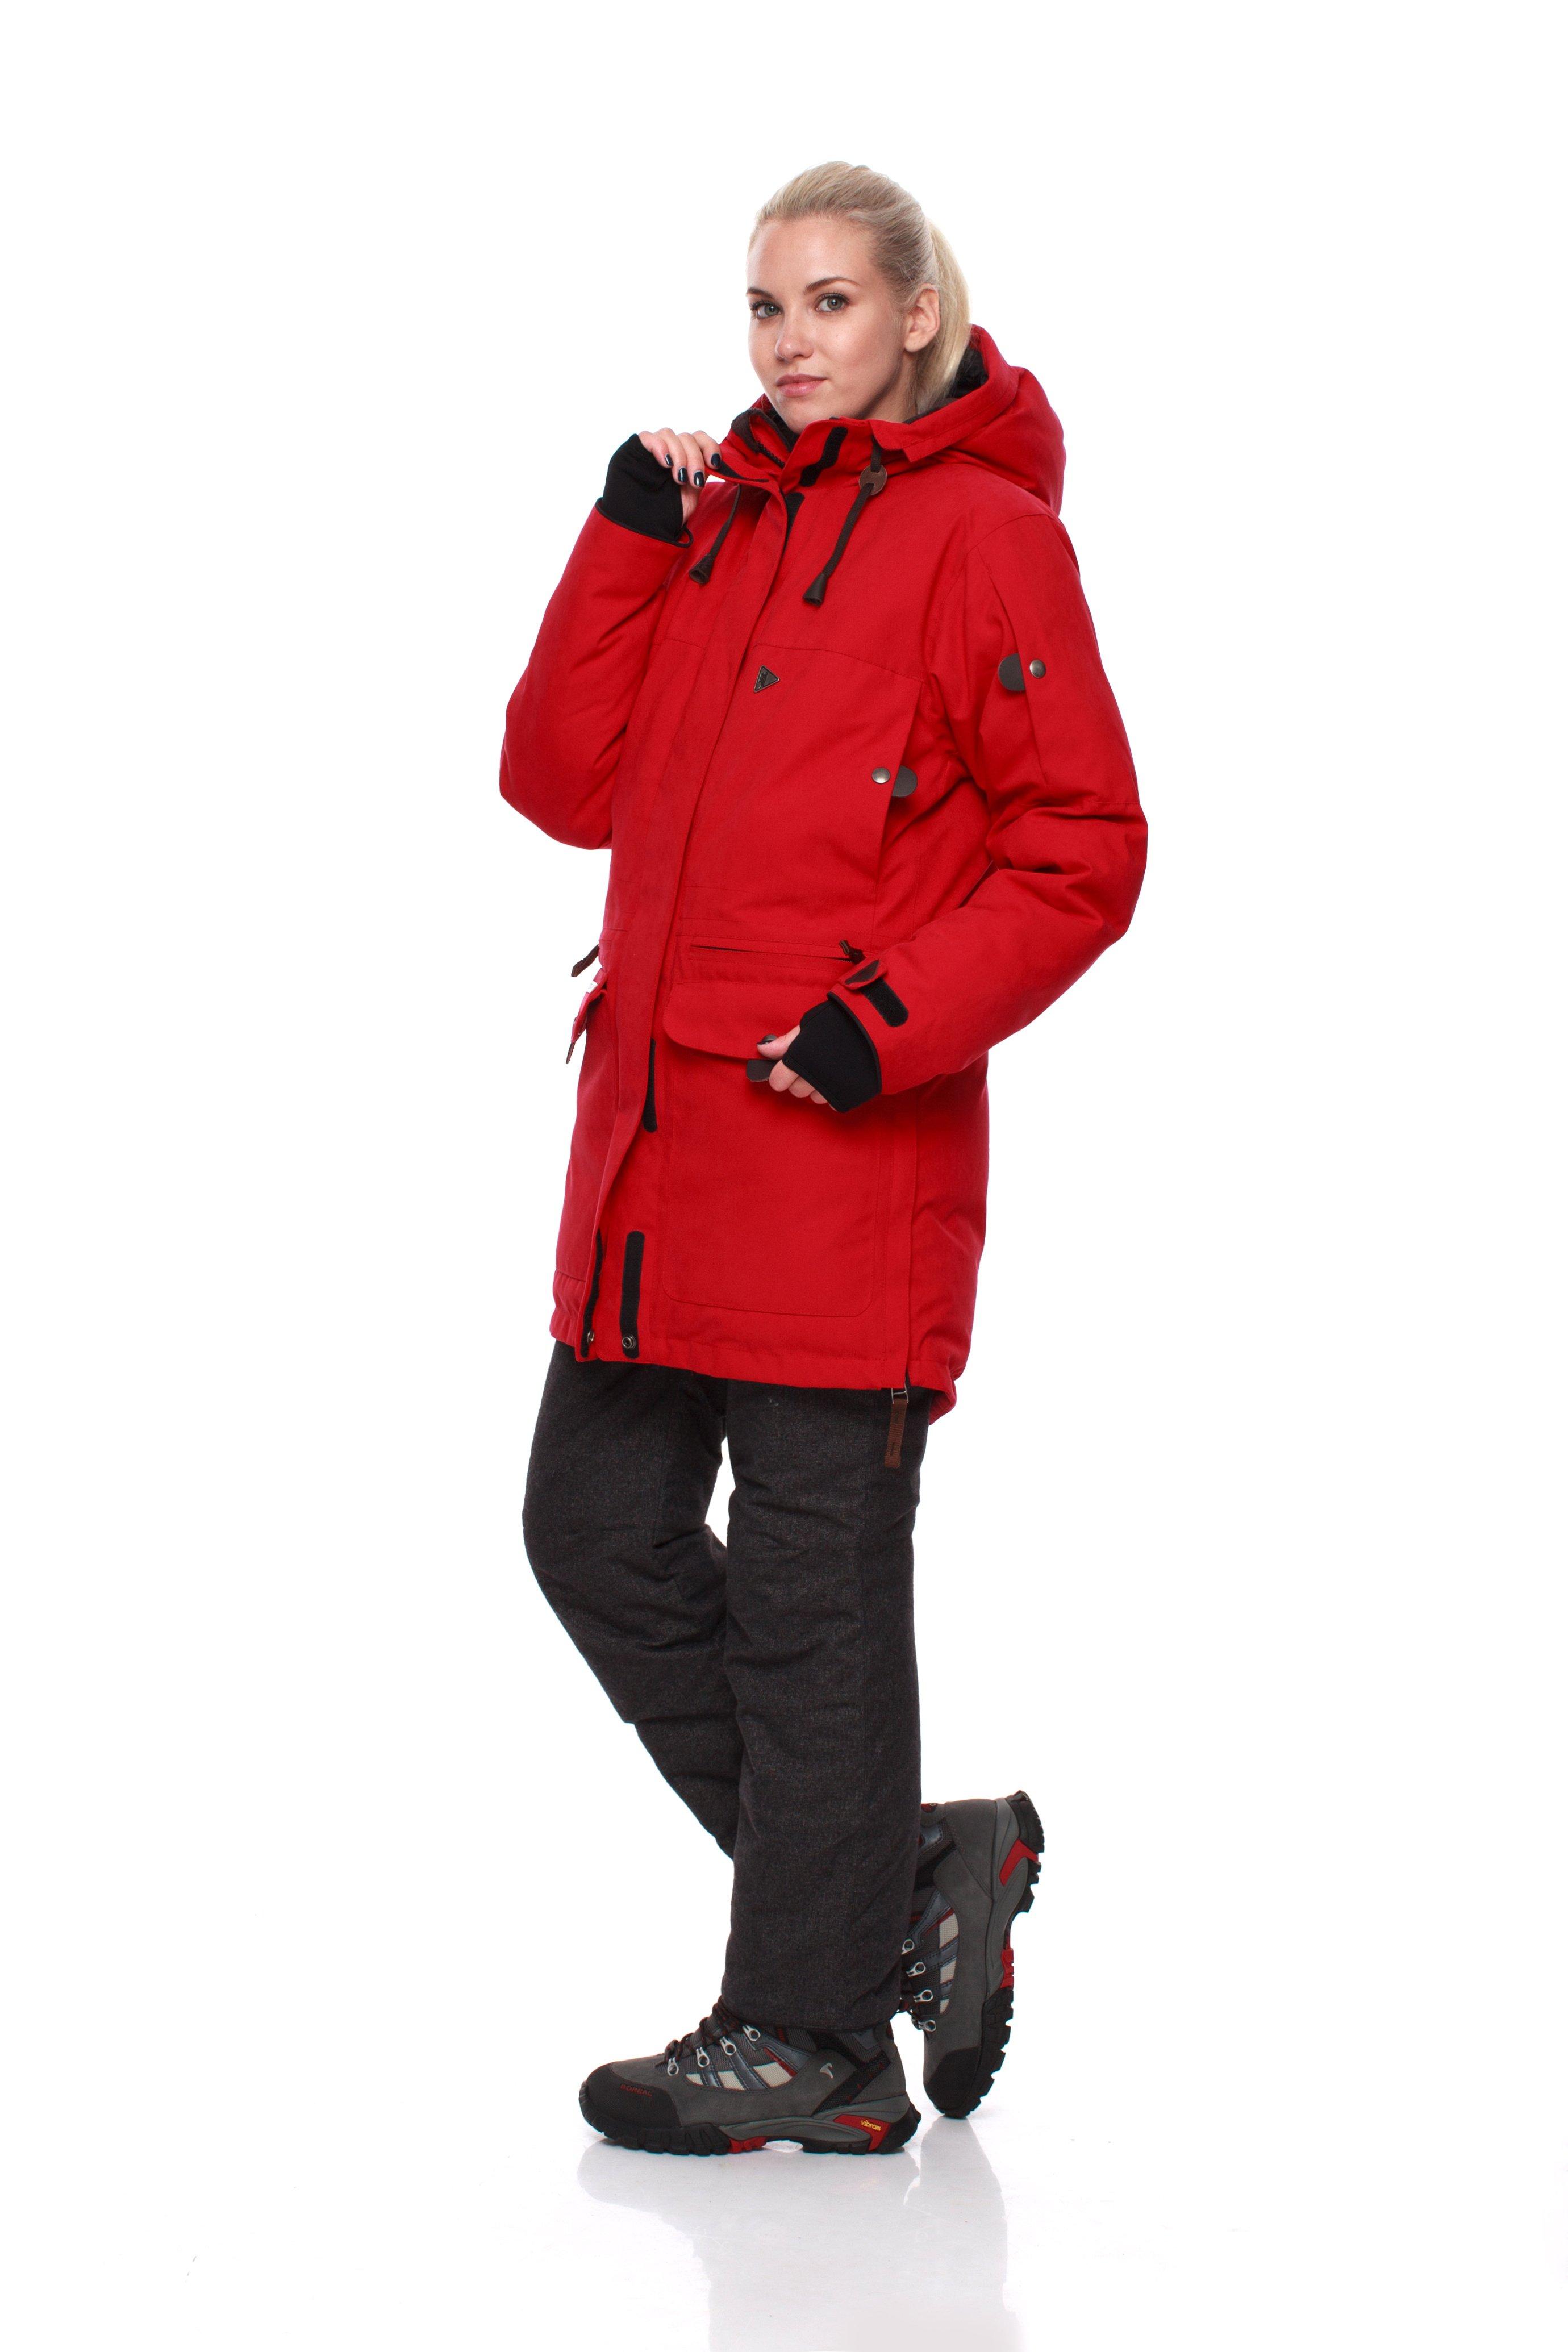 Пуховая куртка BASK IREMEL 3778Куртки<br><br><br>Верхняя ткань: Advance® Alaska<br>Вес граммы: 2150<br>Вес утеплителя: 420<br>Ветро-влагозащитные свойства верхней ткани: Да<br>Ветрозащитная планка: Да<br>Ветрозащитная юбка: Да<br>Влагозащитные молнии: Нет<br>Внутренние манжеты: Да<br>Внутренняя ткань: Advance® Classic<br>Водонепроницаемость: 5000<br>Дублирующий центральную молнию клапан: Да<br>Защитный козырёк капюшона: Нет<br>Капюшон: Несъемный<br>Карман для средств связи: Нет<br>Количество внешних карманов: 8<br>Количество внутренних карманов: 2<br>Мембрана: Да<br>Объемный крой локтевой зоны: Да<br>Отстёгивающиеся рукава: Нет<br>Паропроницаемость: 5000<br>Показатель Fill Power (для пуховых изделий): 650<br>Пол: Женский<br>Проклейка швов: Нет<br>Регулировка манжетов рукавов: Да<br>Регулировка низа: Нет<br>Регулировка объёма капюшона: Да<br>Регулировка талии: Да<br>Регулируемые вентиляционные отверстия: Нет<br>Световозвращающая лента: Нет<br>Температурный режим: -30<br>Технология Thermal Welding: Нет<br>Технология швов: Простые<br>Тип молнии: Двухзамковая<br>Тип утеплителя: Натуральный<br>Ткань усиления: нет<br>Усиление контактных зон: Нет<br>Утеплитель: Гусиный пух<br>Размер INT: XS<br>Цвет: КРАСНЫЙ